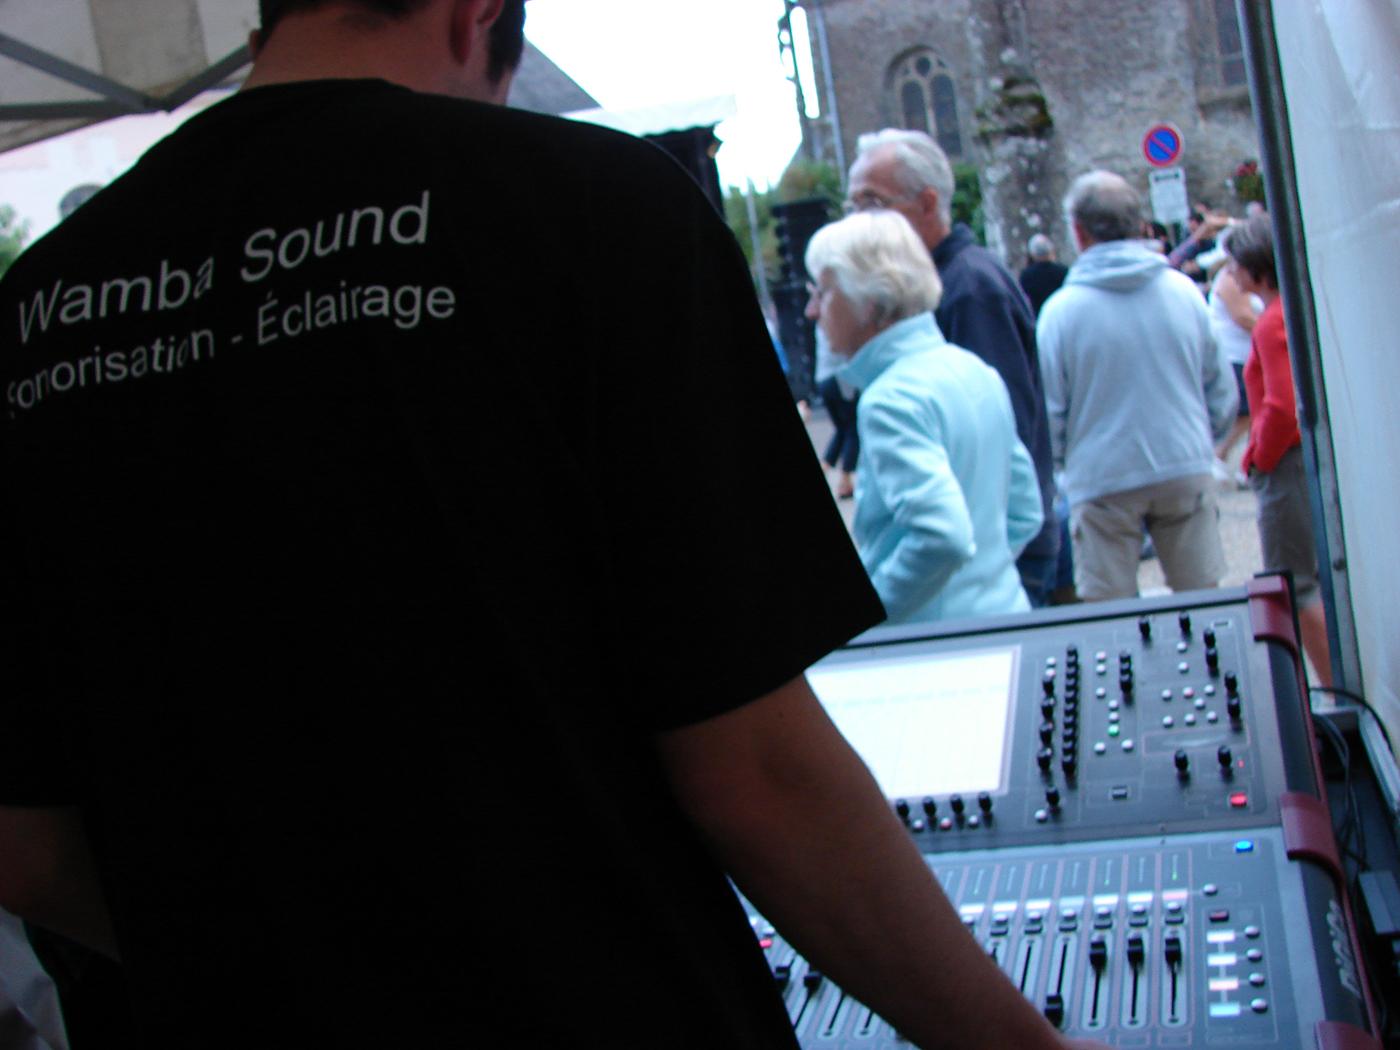 Wamba Sound sur un évènement